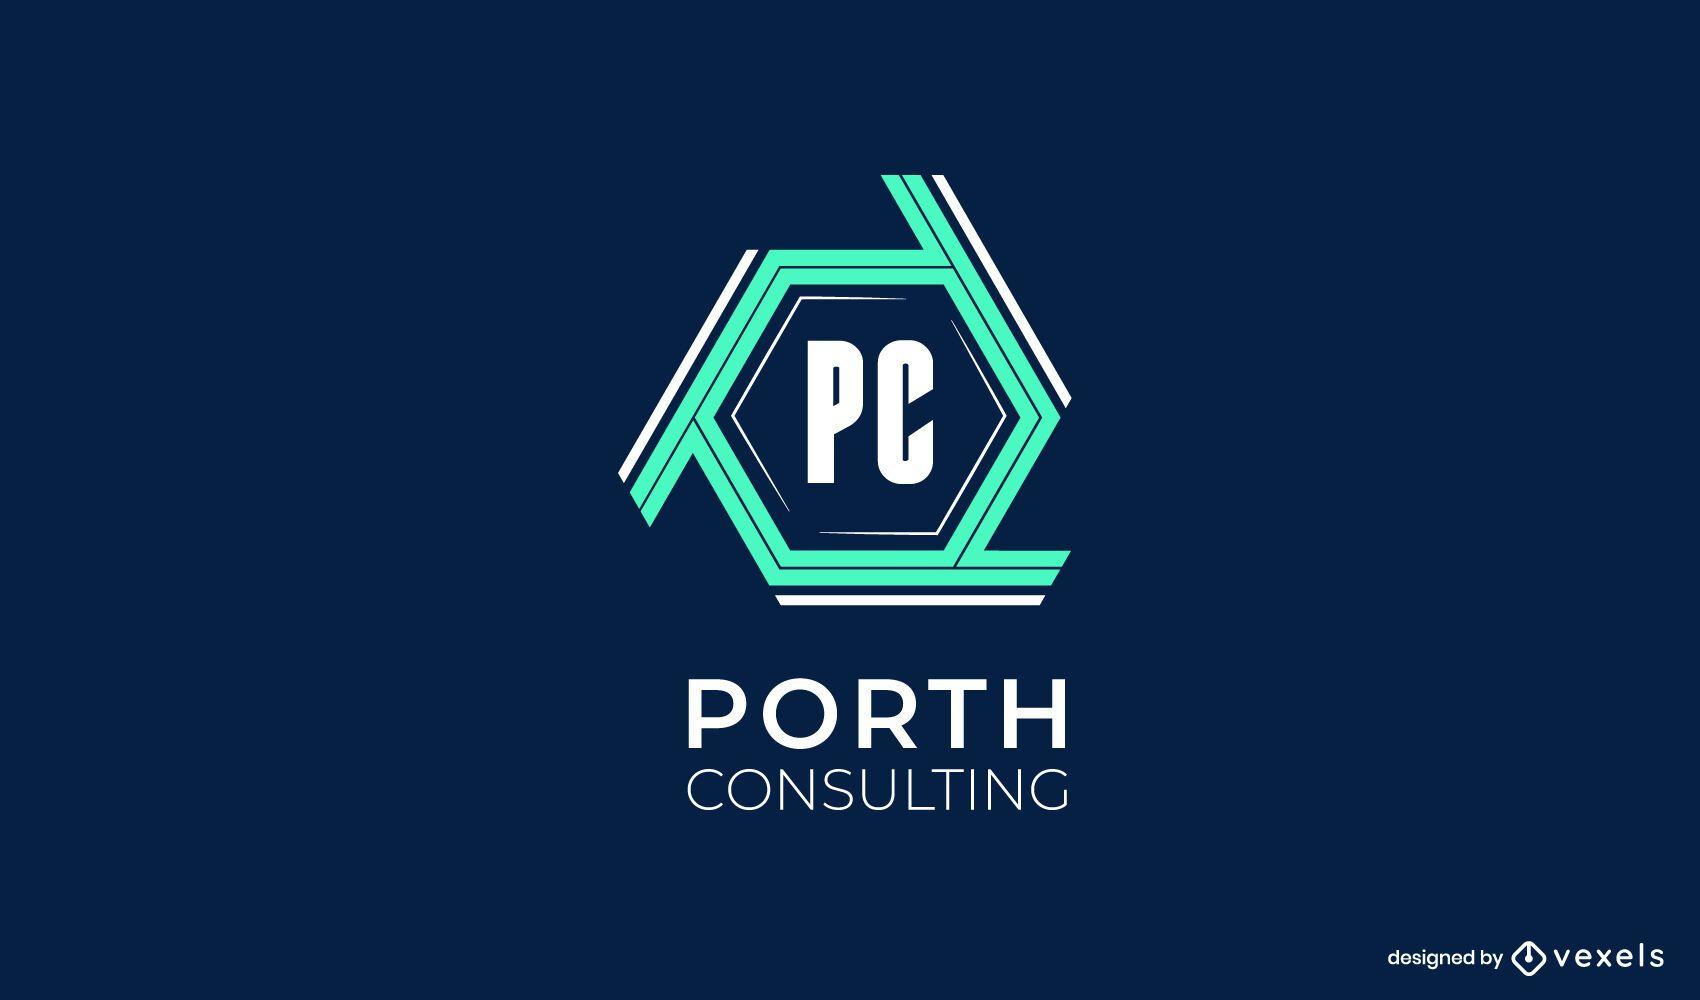 Diseño de Logo de Porth Consulting